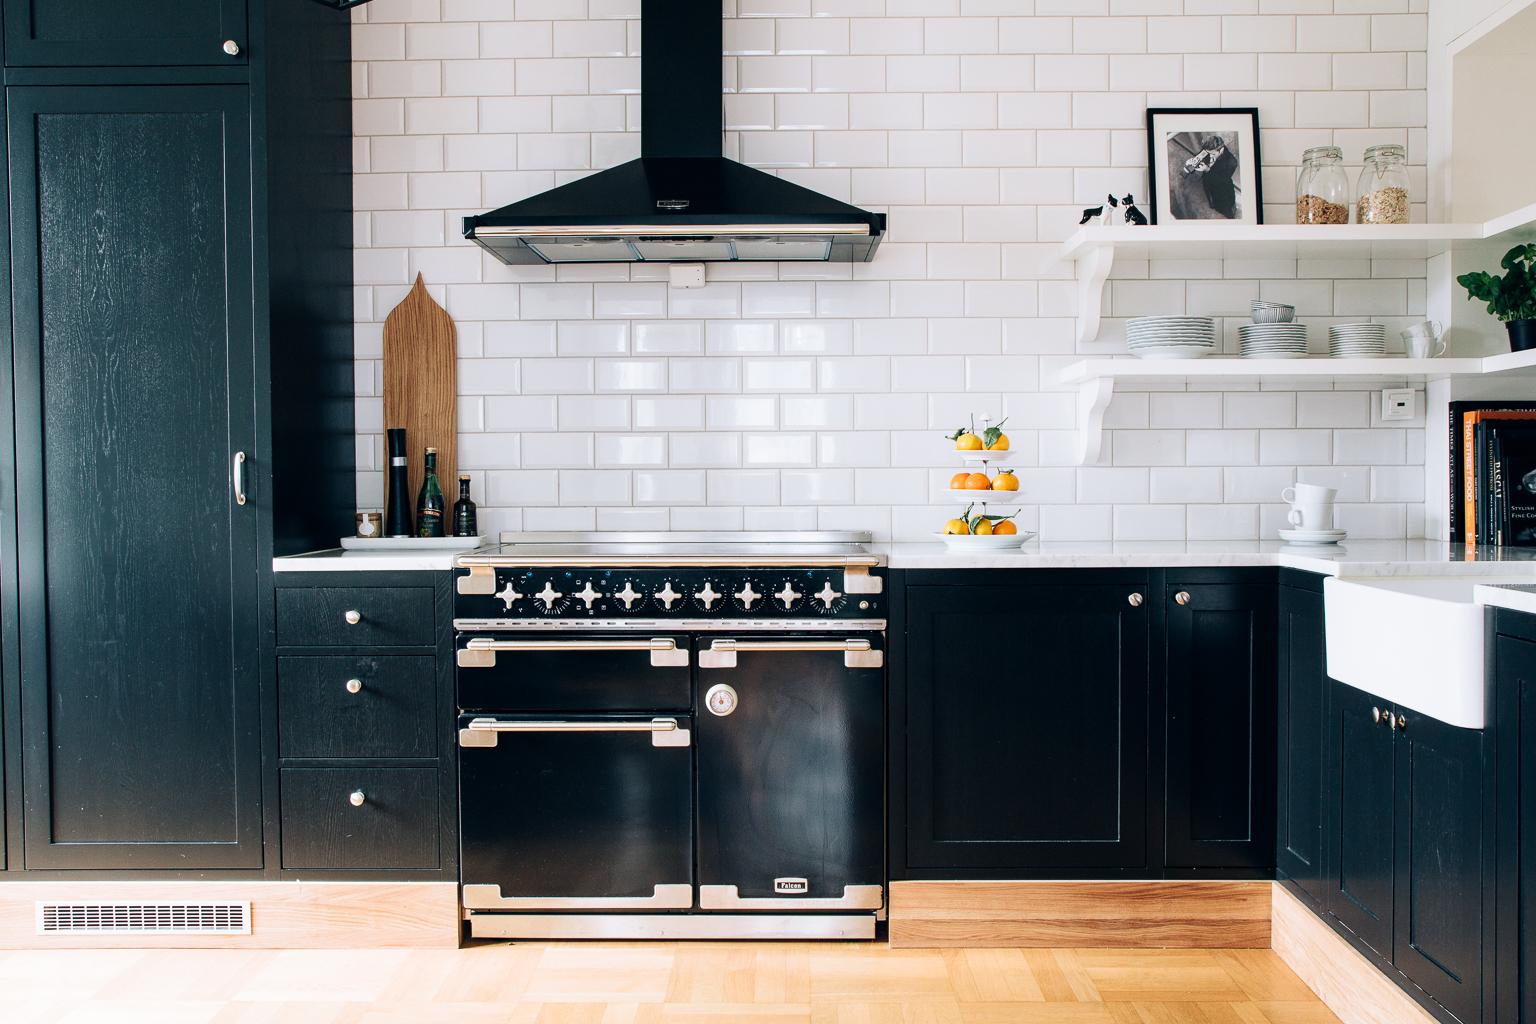 Kjøkkenet er utstyrt med en falcon-ovn